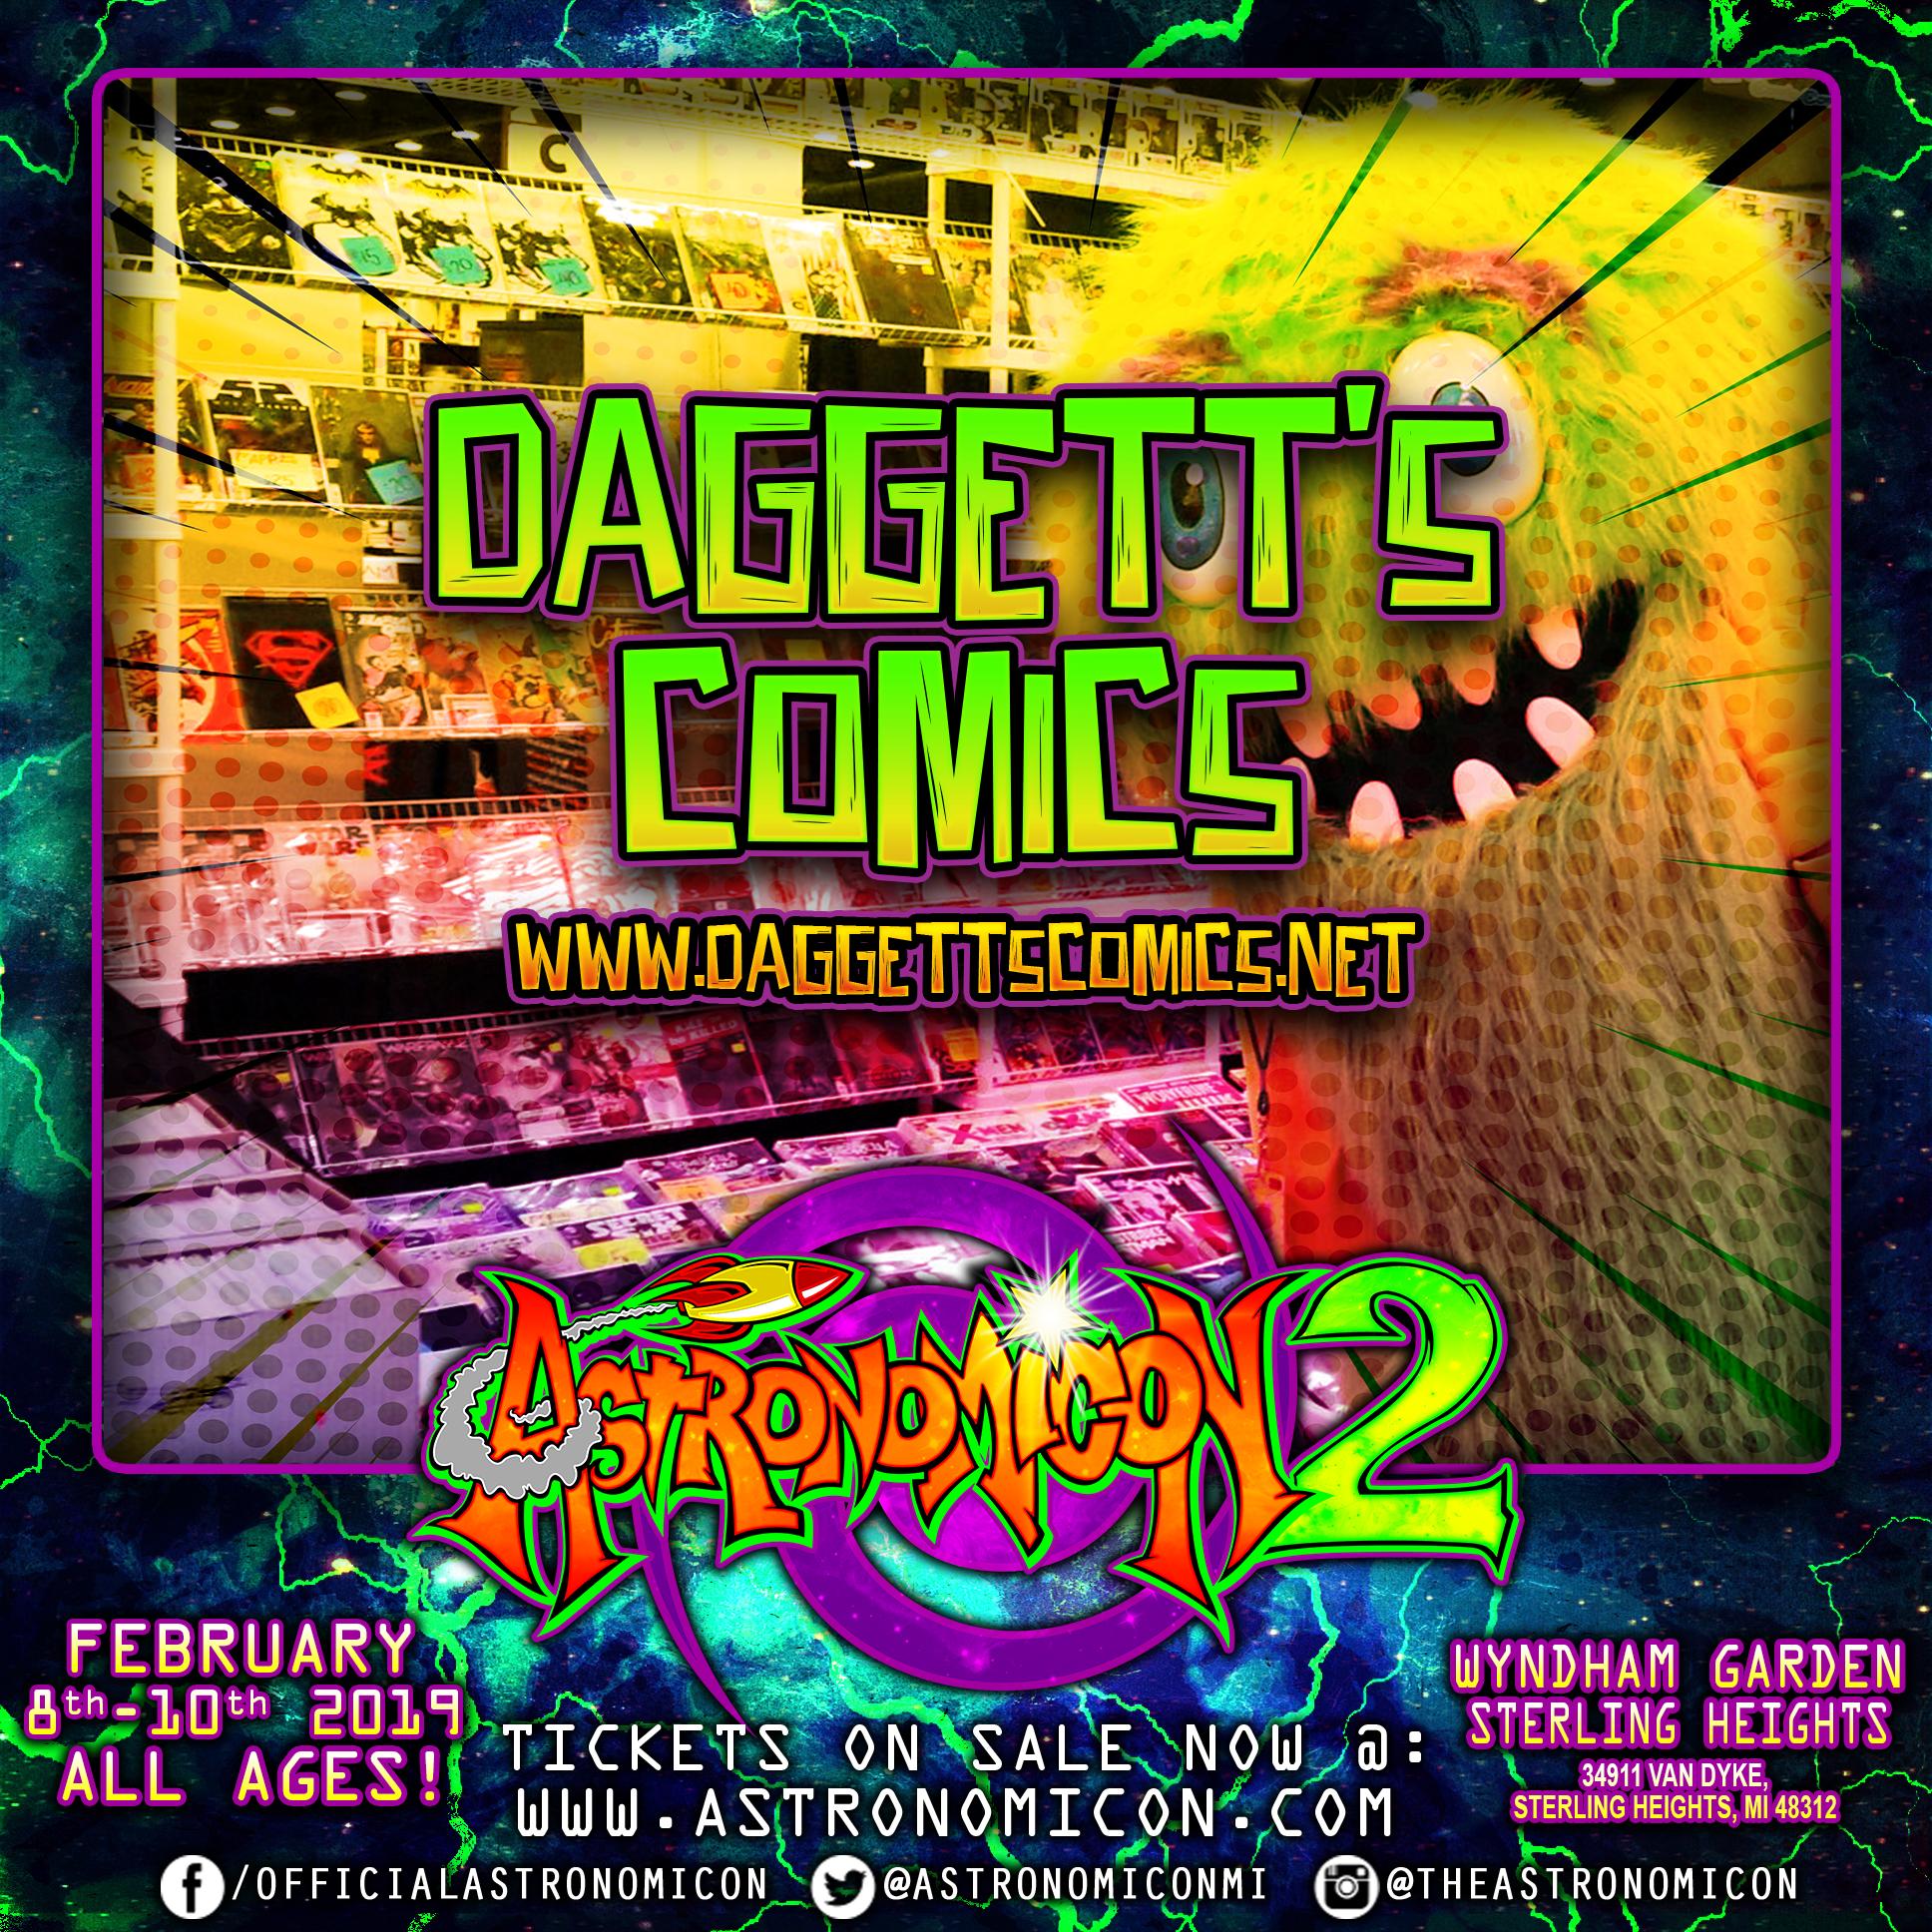 Astronomicon 2 Daggetts Comics.png